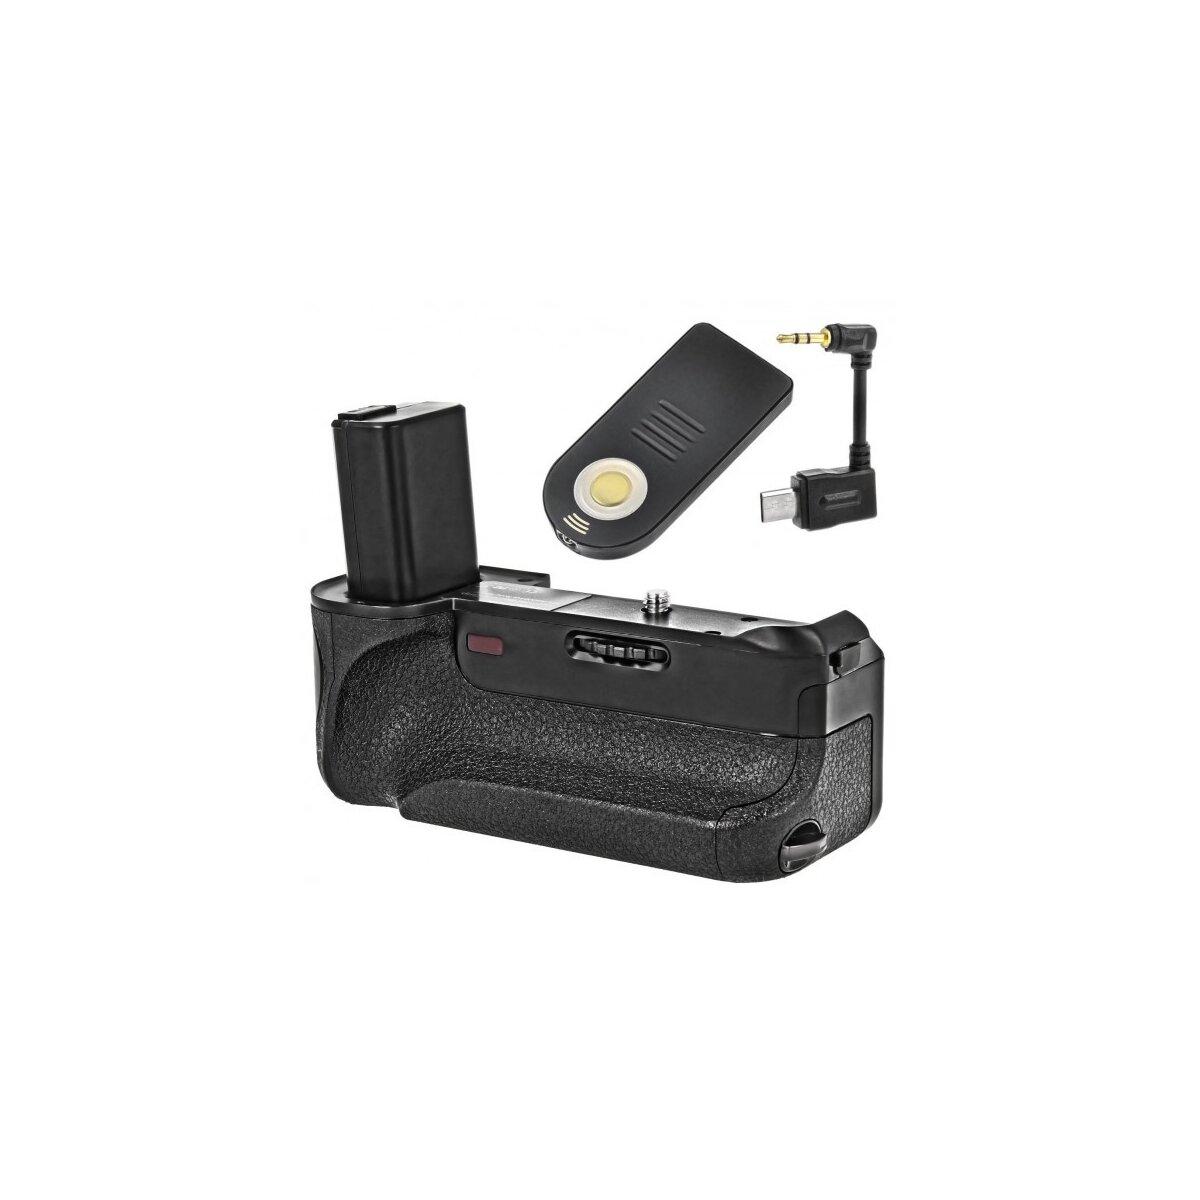 Minadax® Batteriegriff mit Infrarotauslöser - und Schnittstelle kompatibel mit Sony A6000 - 100% kompatibel & passgenaue Form